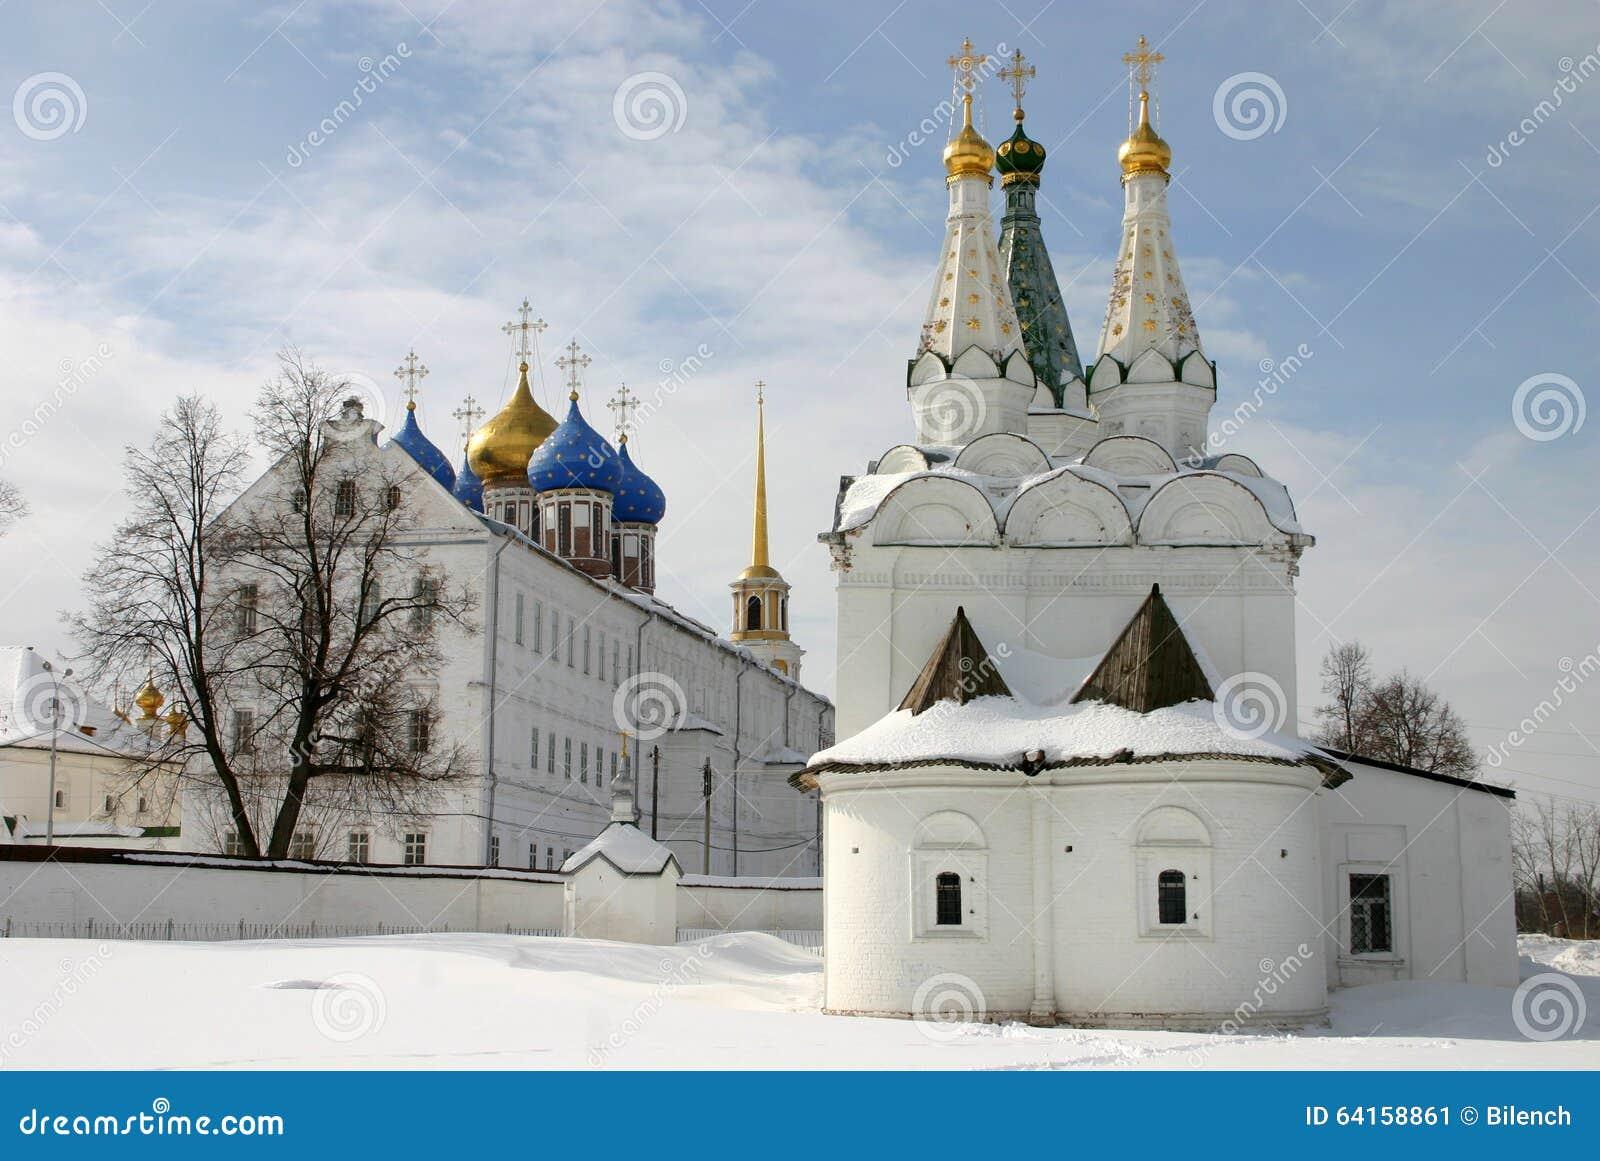 Ryssland kremlin ryazan Kyrka av den heliga anden i Ryazanen kremlin